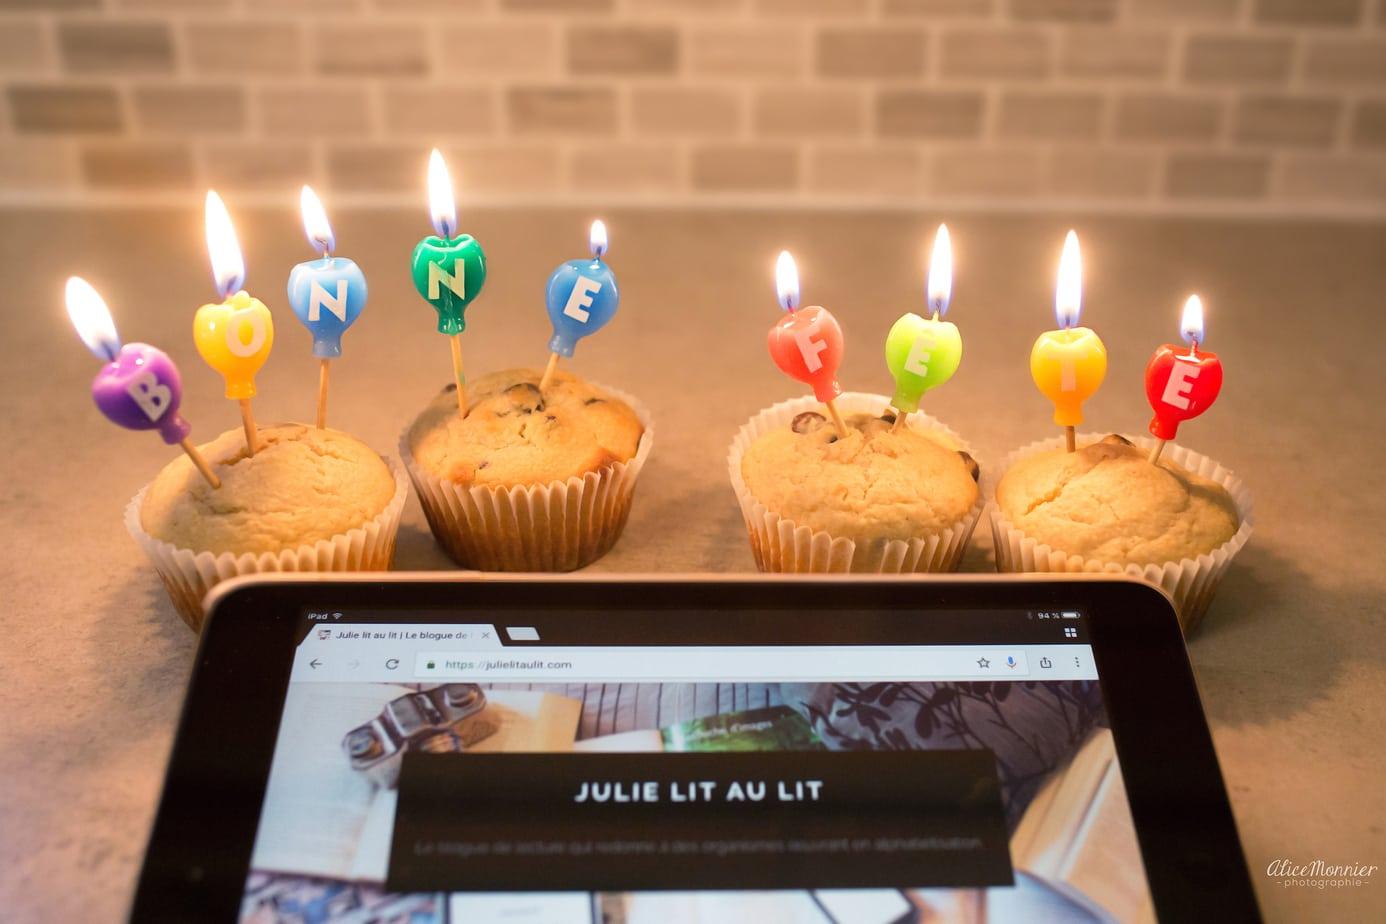 On célèbre l'anniversaire du blogue avec des gâteaux et des chandelles.